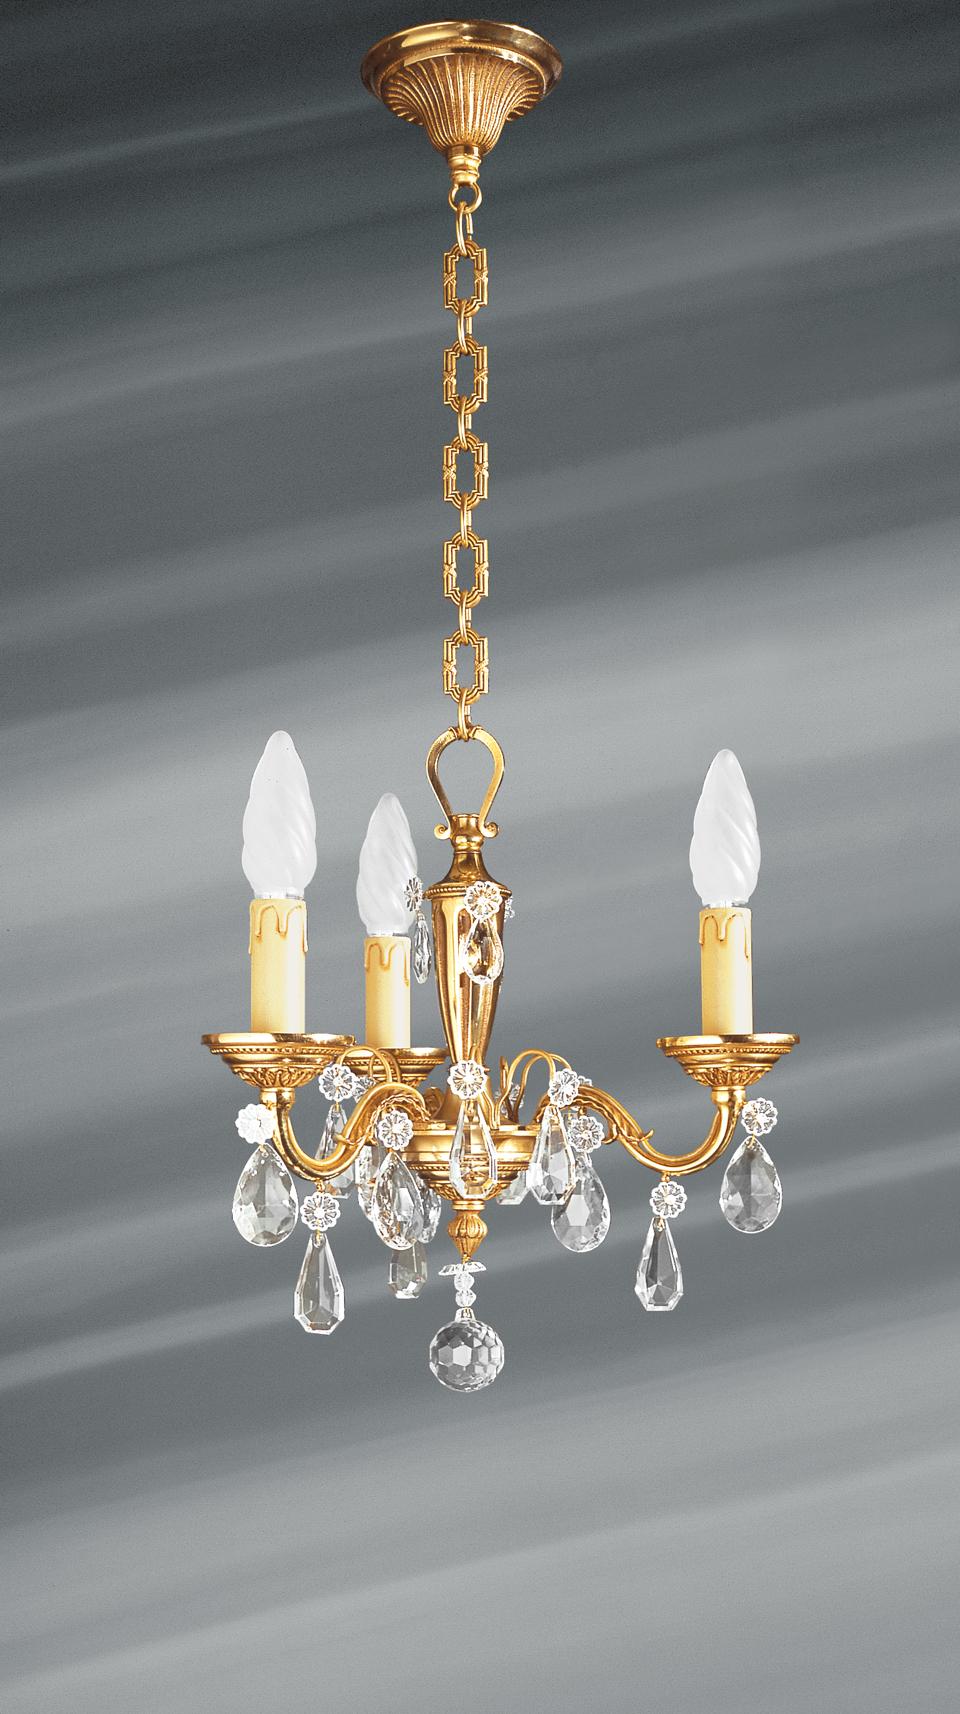 Petit lustre trois lumières de style Louis XVI en bronze massif doré et pampilles. Lucien Gau.